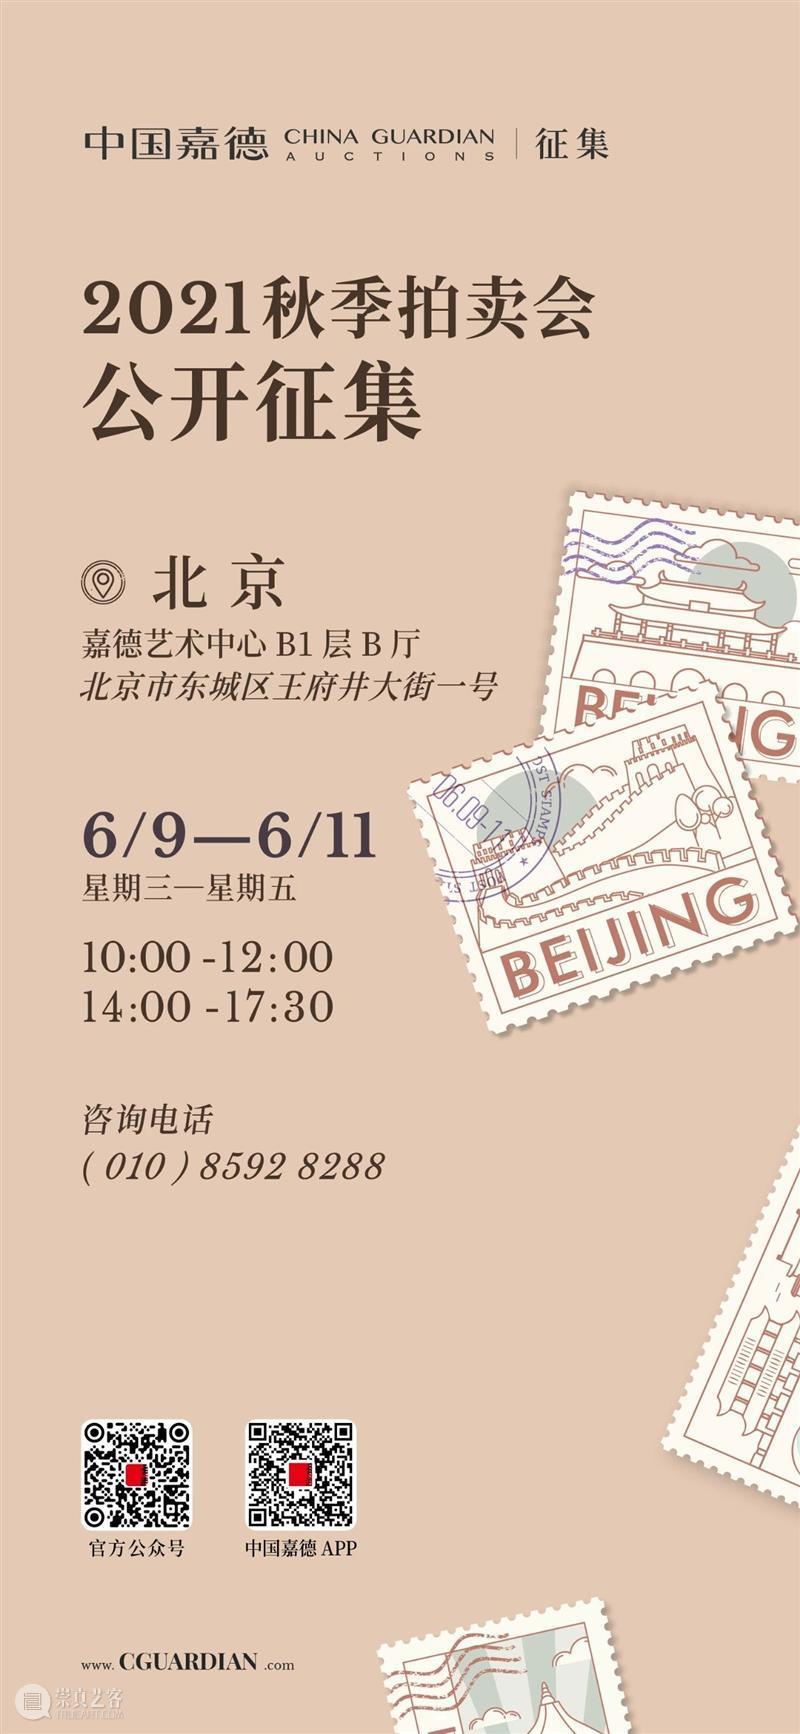 从小白到新生代藏家,总共分几步? 新生 藏家 小白 中国 嘉德 拍卖会 京城 艺术 盛事 时人 崇真艺客